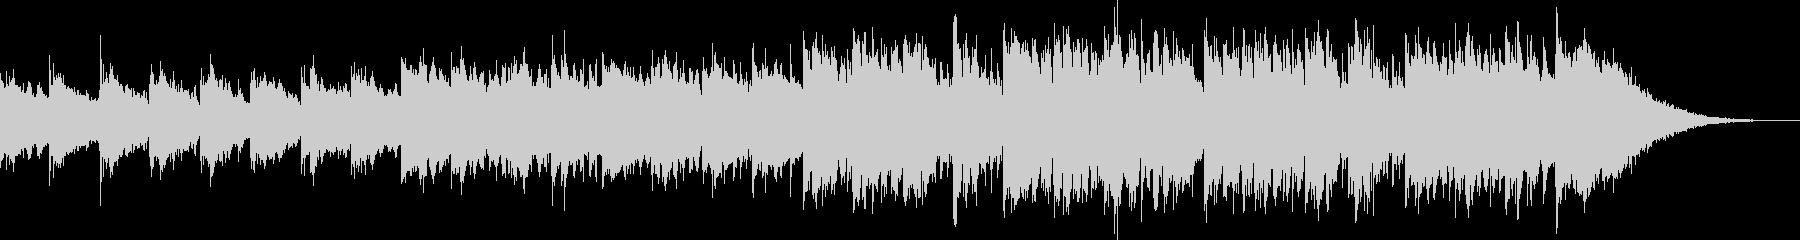 実験的 ロック ポストロック ポッ...の未再生の波形